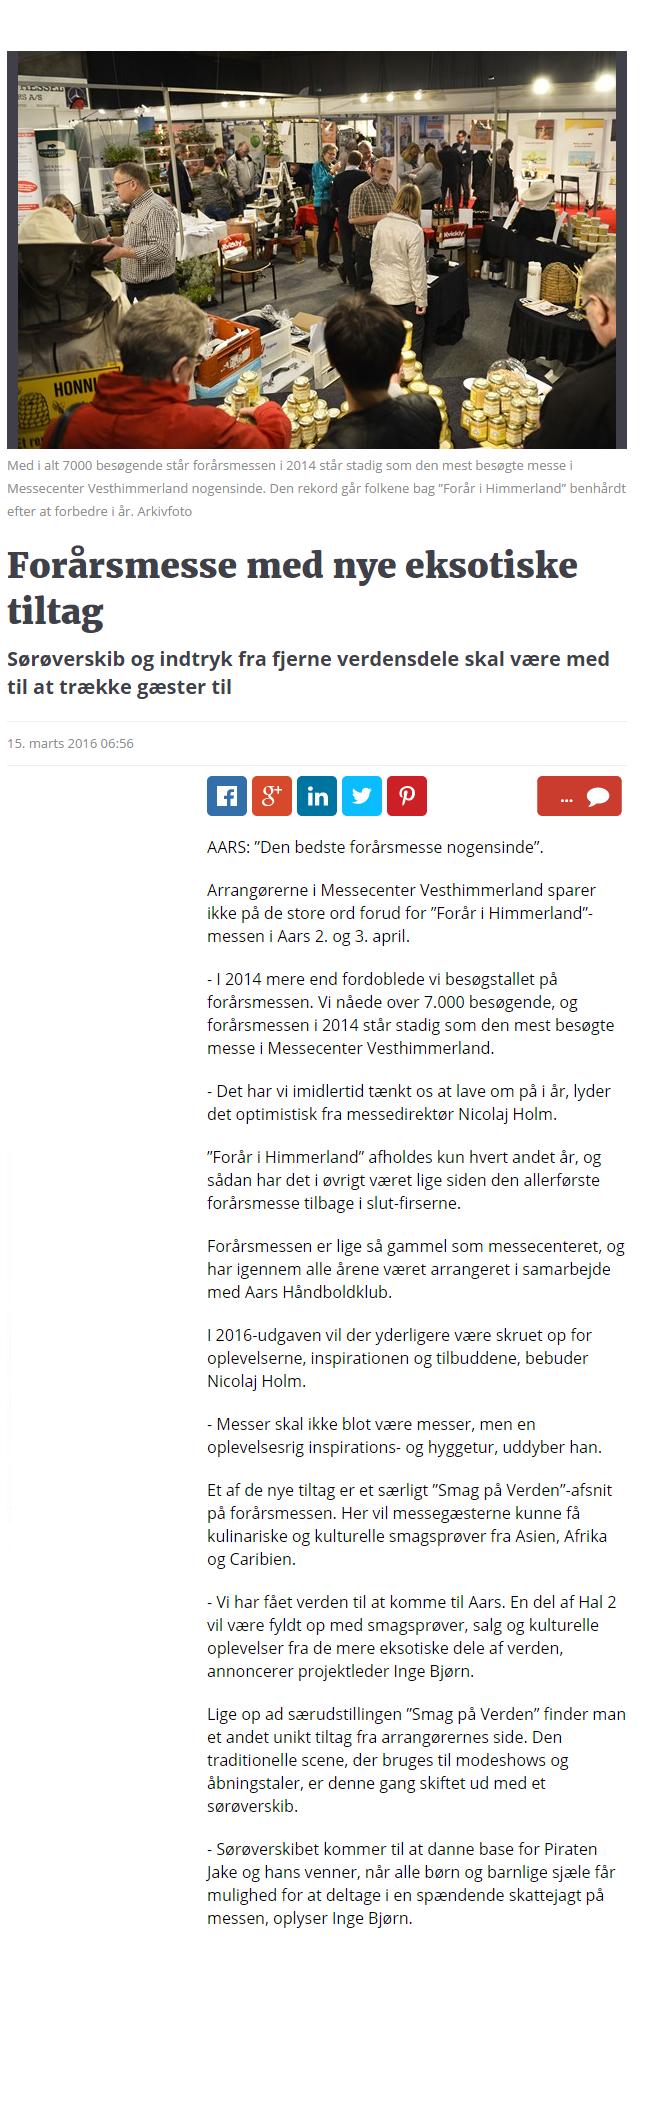 Forårsmesse med nye eksotiske tiltag   Nordjyske.dk (2)